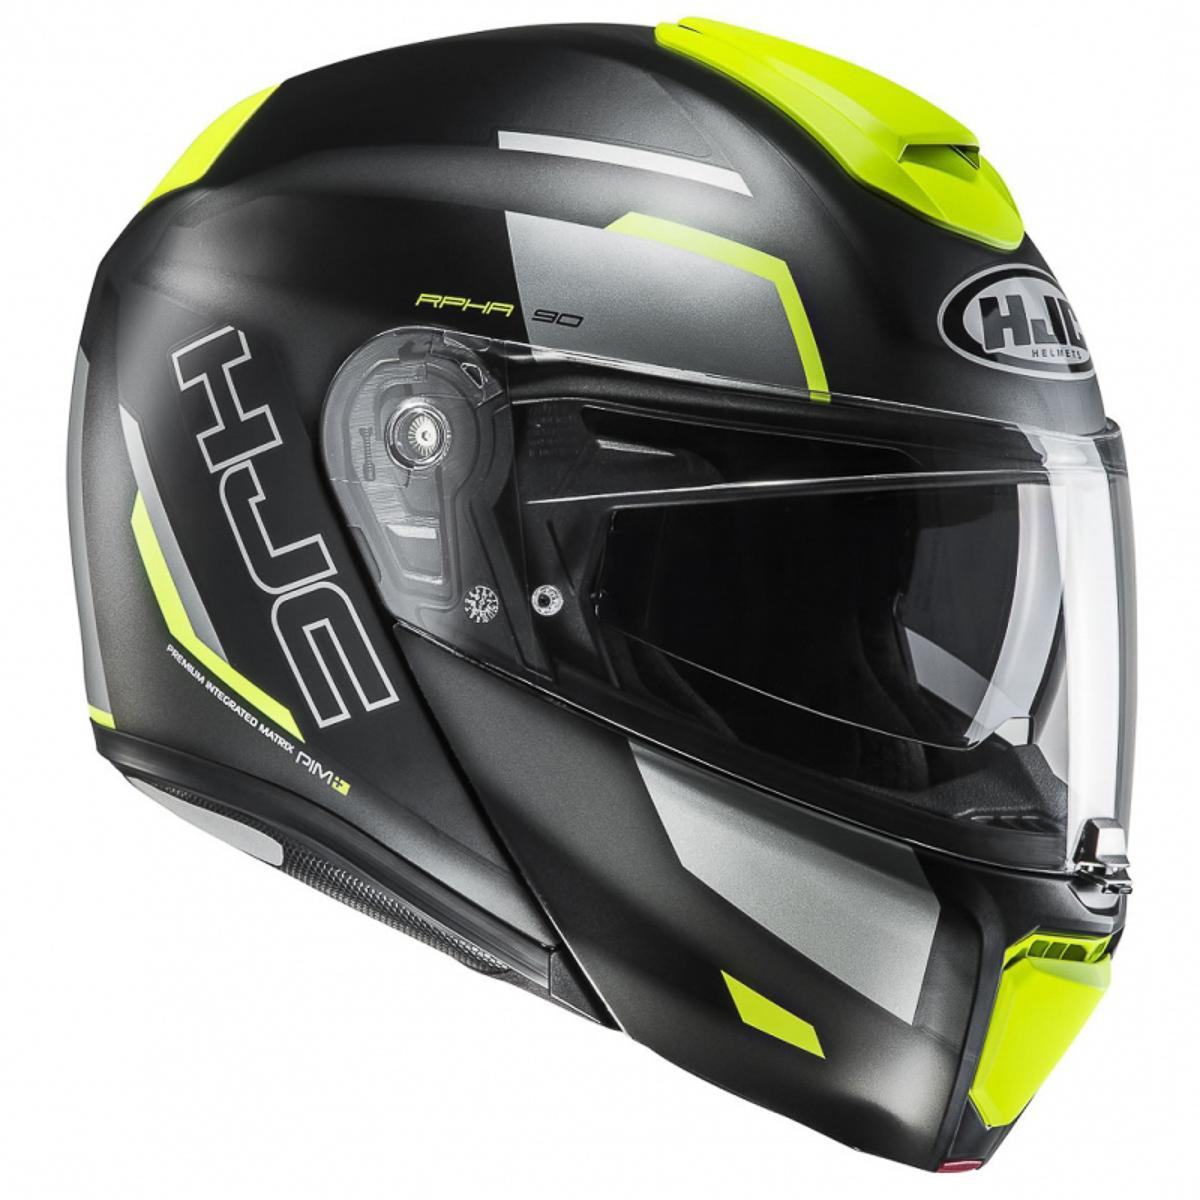 2018 hjc rpha 90 modular helmet introduced bikesrepublic. Black Bedroom Furniture Sets. Home Design Ideas